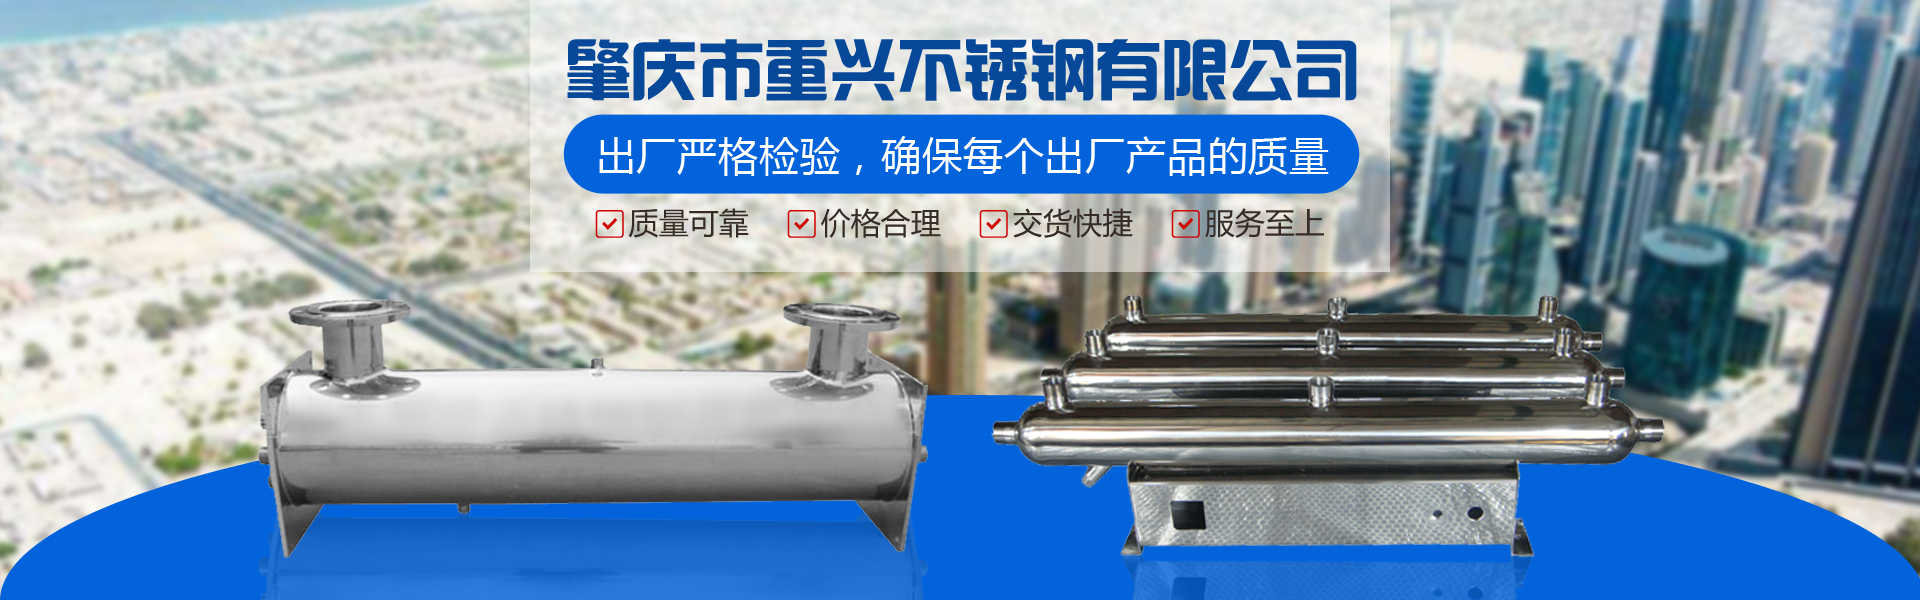 www.bifa1122.com-必发娱乐官方网站专业生产不锈钢集分水器、不锈钢紫外线杀菌器等不锈钢制品。出厂严格检验,确保每个出厂产品的质量。